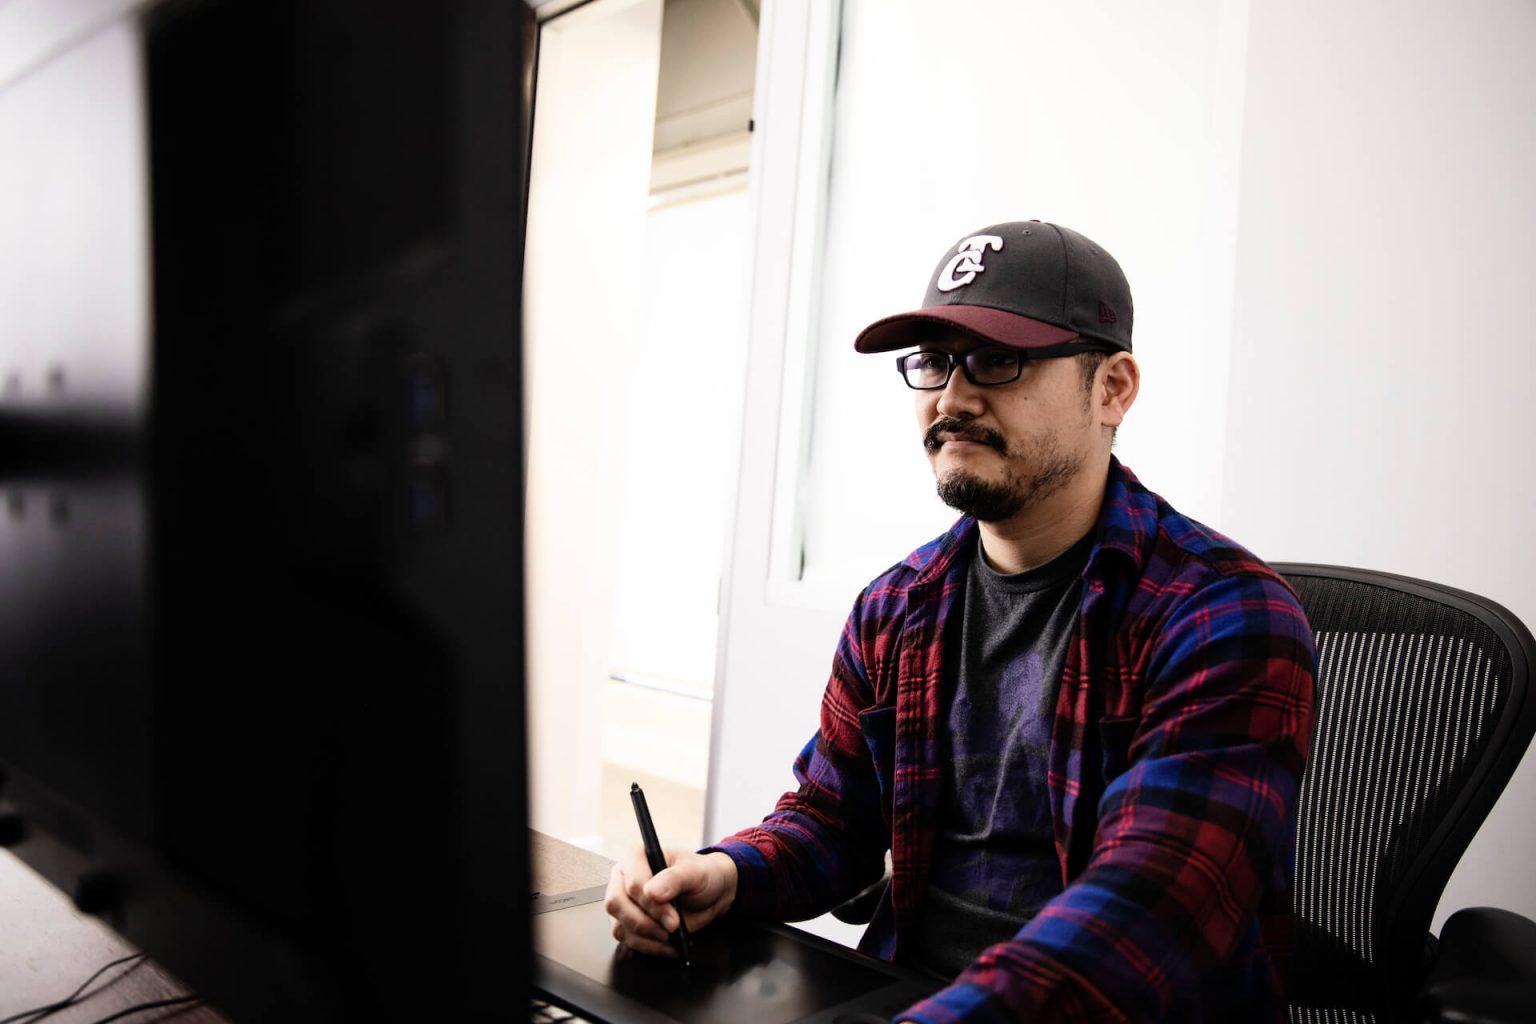 マーベル作品『アベンジャーズ』を手がける日本人VFXアーティスト上原勇樹。最前線の現場、作品にかける想い